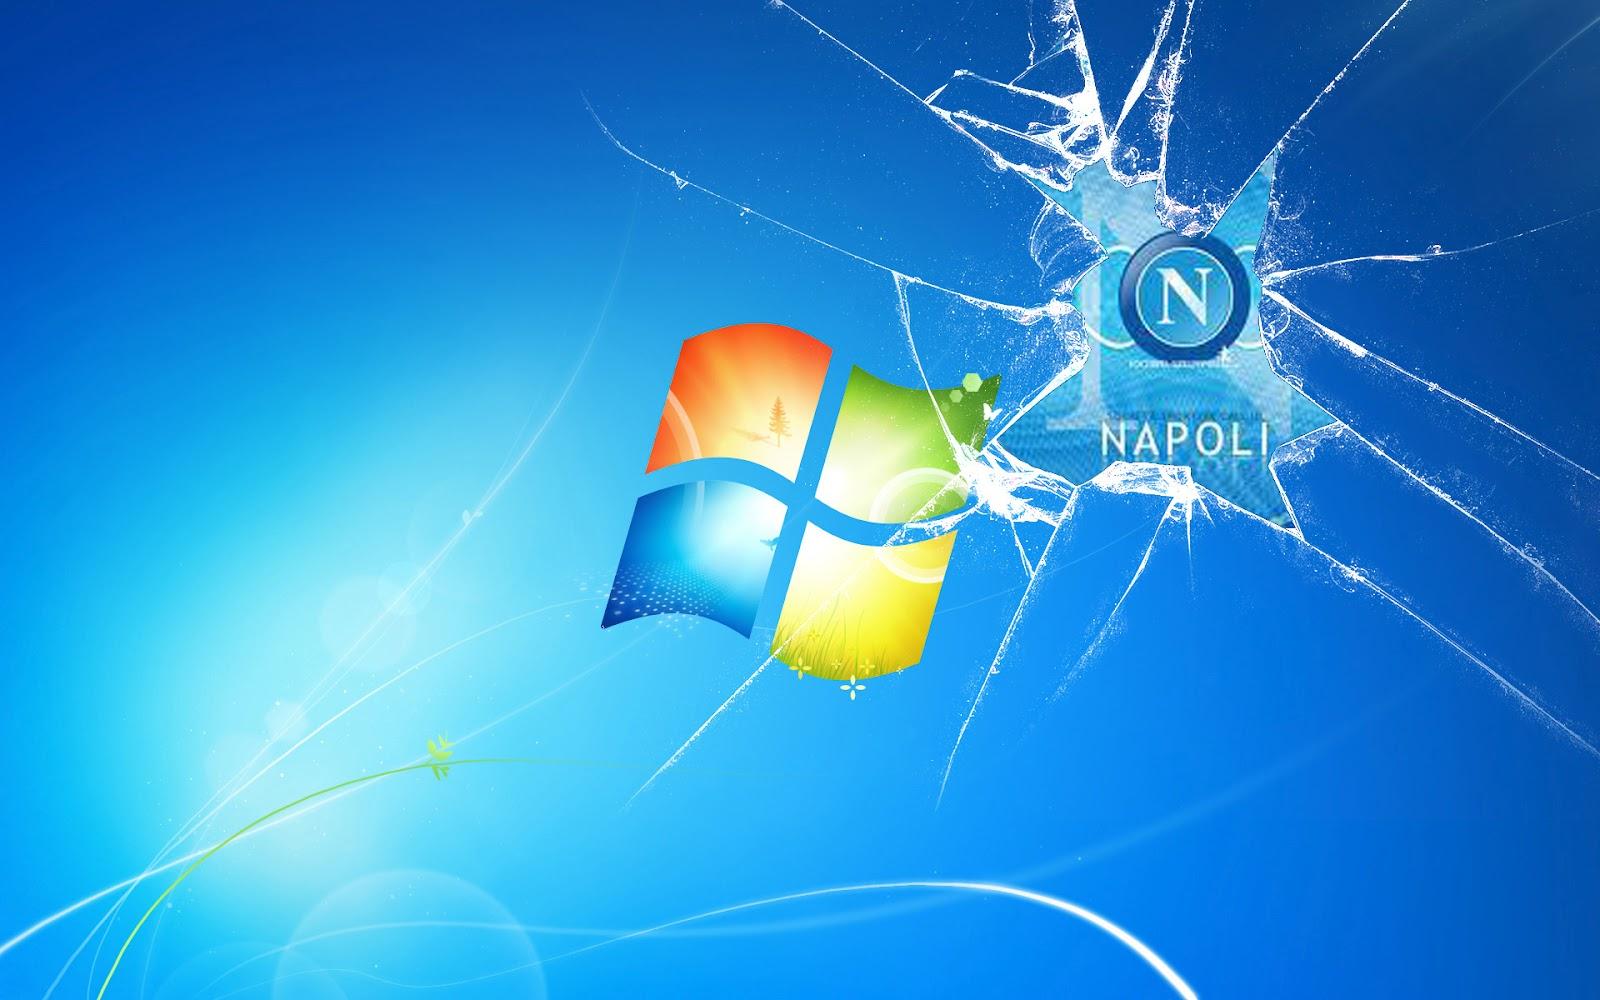 Raffaele Terminiello Sfondo Desktop Windows7 Napoli